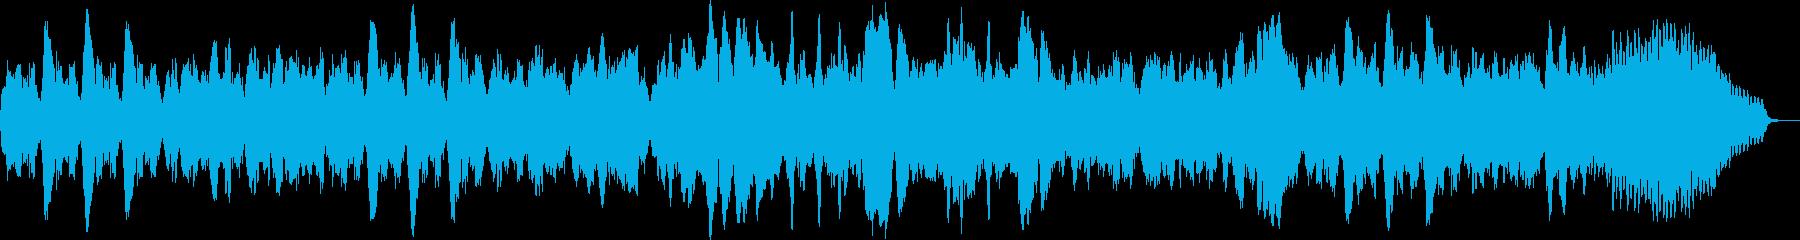 フルートとチェンバロのオリジナルバロックの再生済みの波形